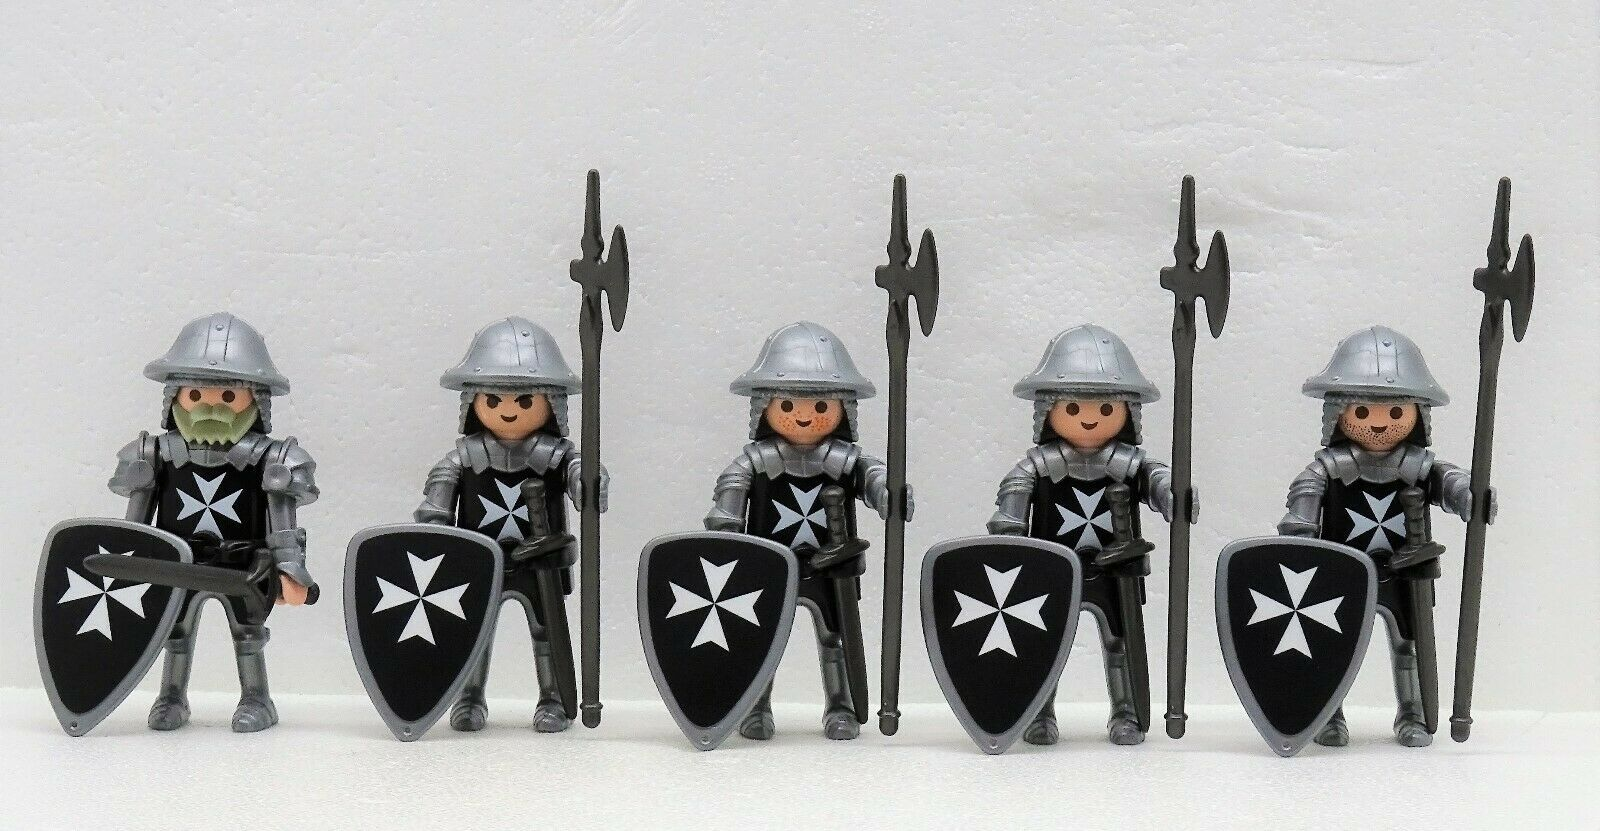 5 Malteser Knight D Playmobil Crusader Shield Order Crusader vs Saladin RAR